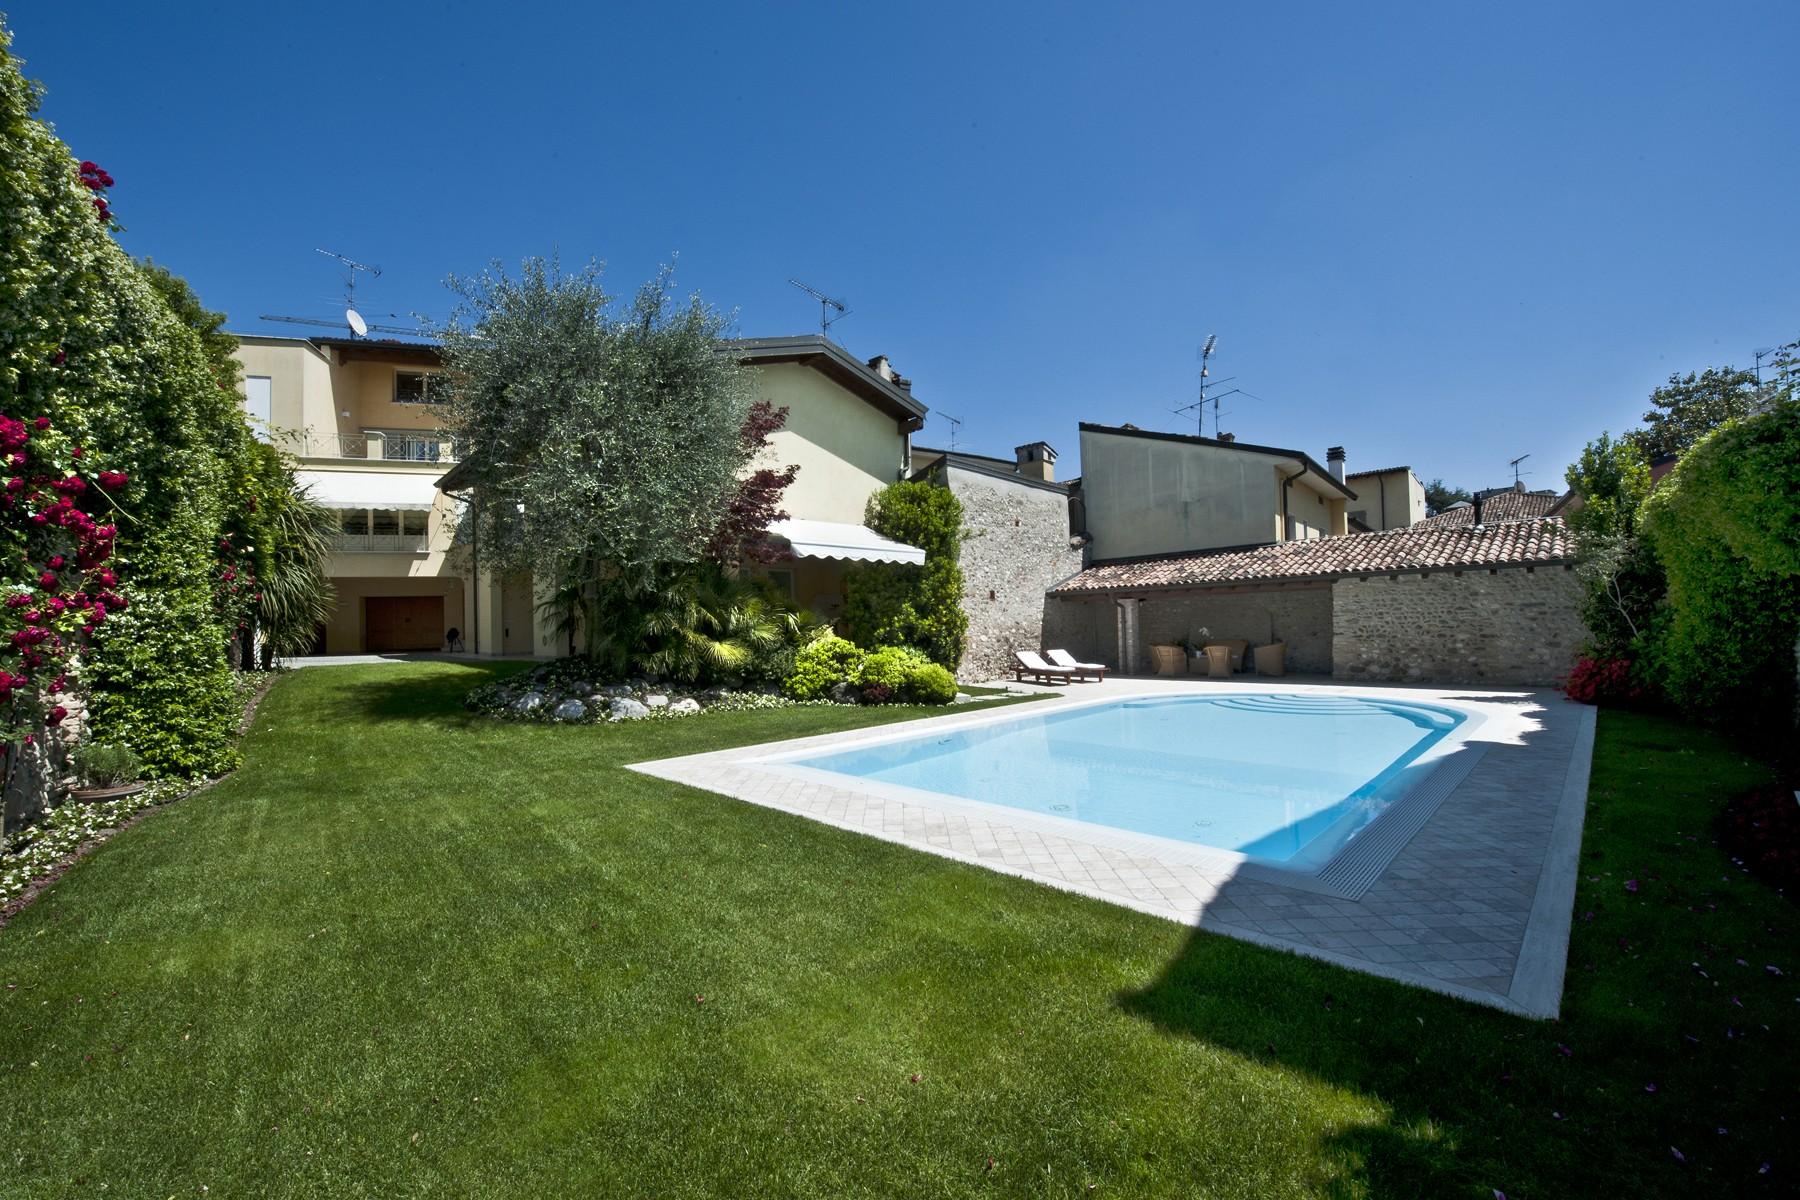 Palazzo in Vendita a Castiglione Delle Stiviere: 5 locali, 1000 mq